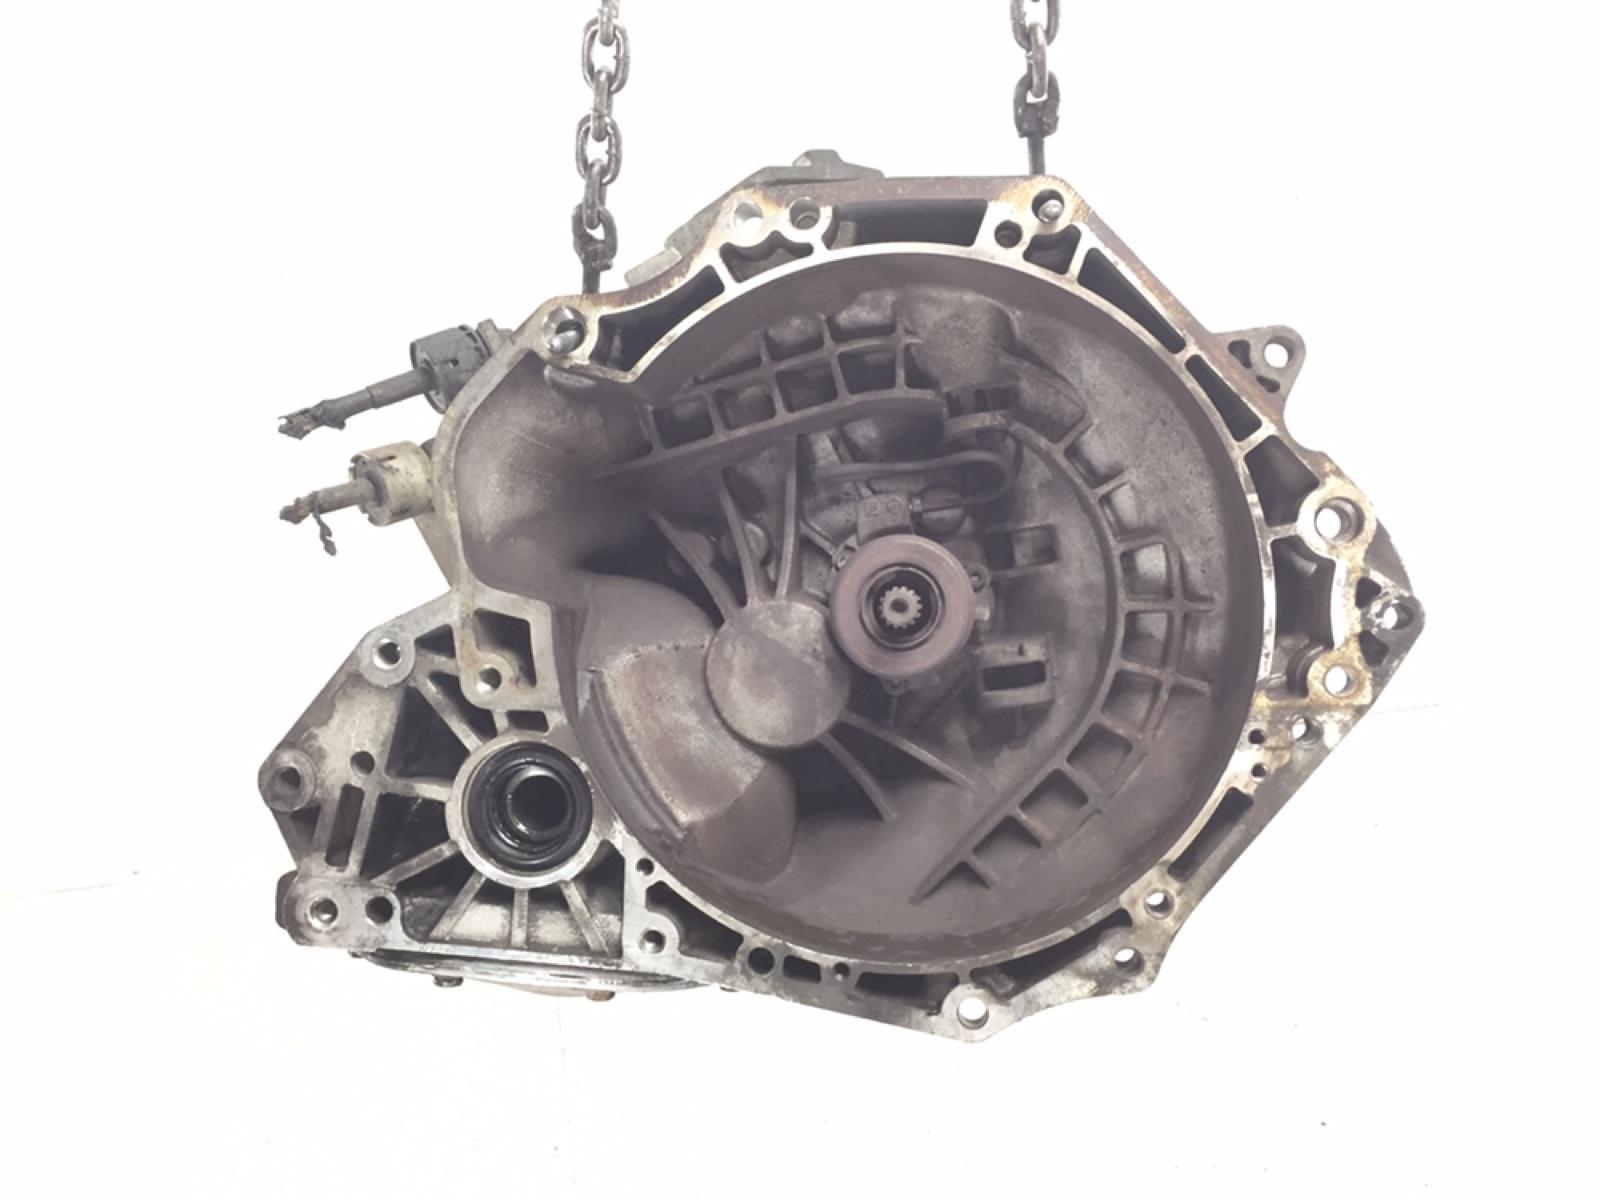 Кпп механическая (мкпп) Opel Vectra C 1.8 I 2008 (б/у)